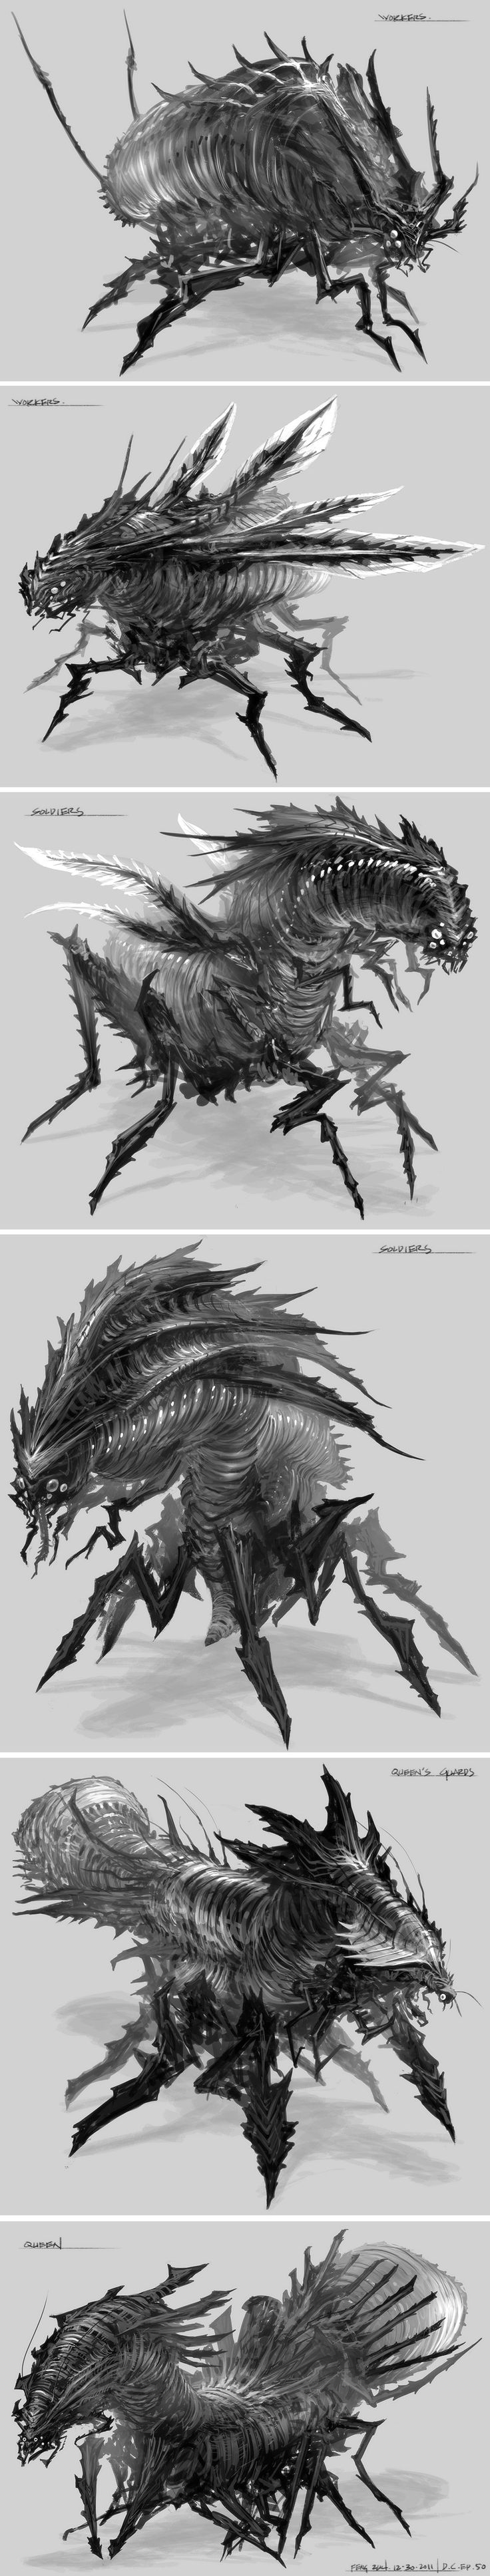 Feng Zhu design #creatures #concept #art